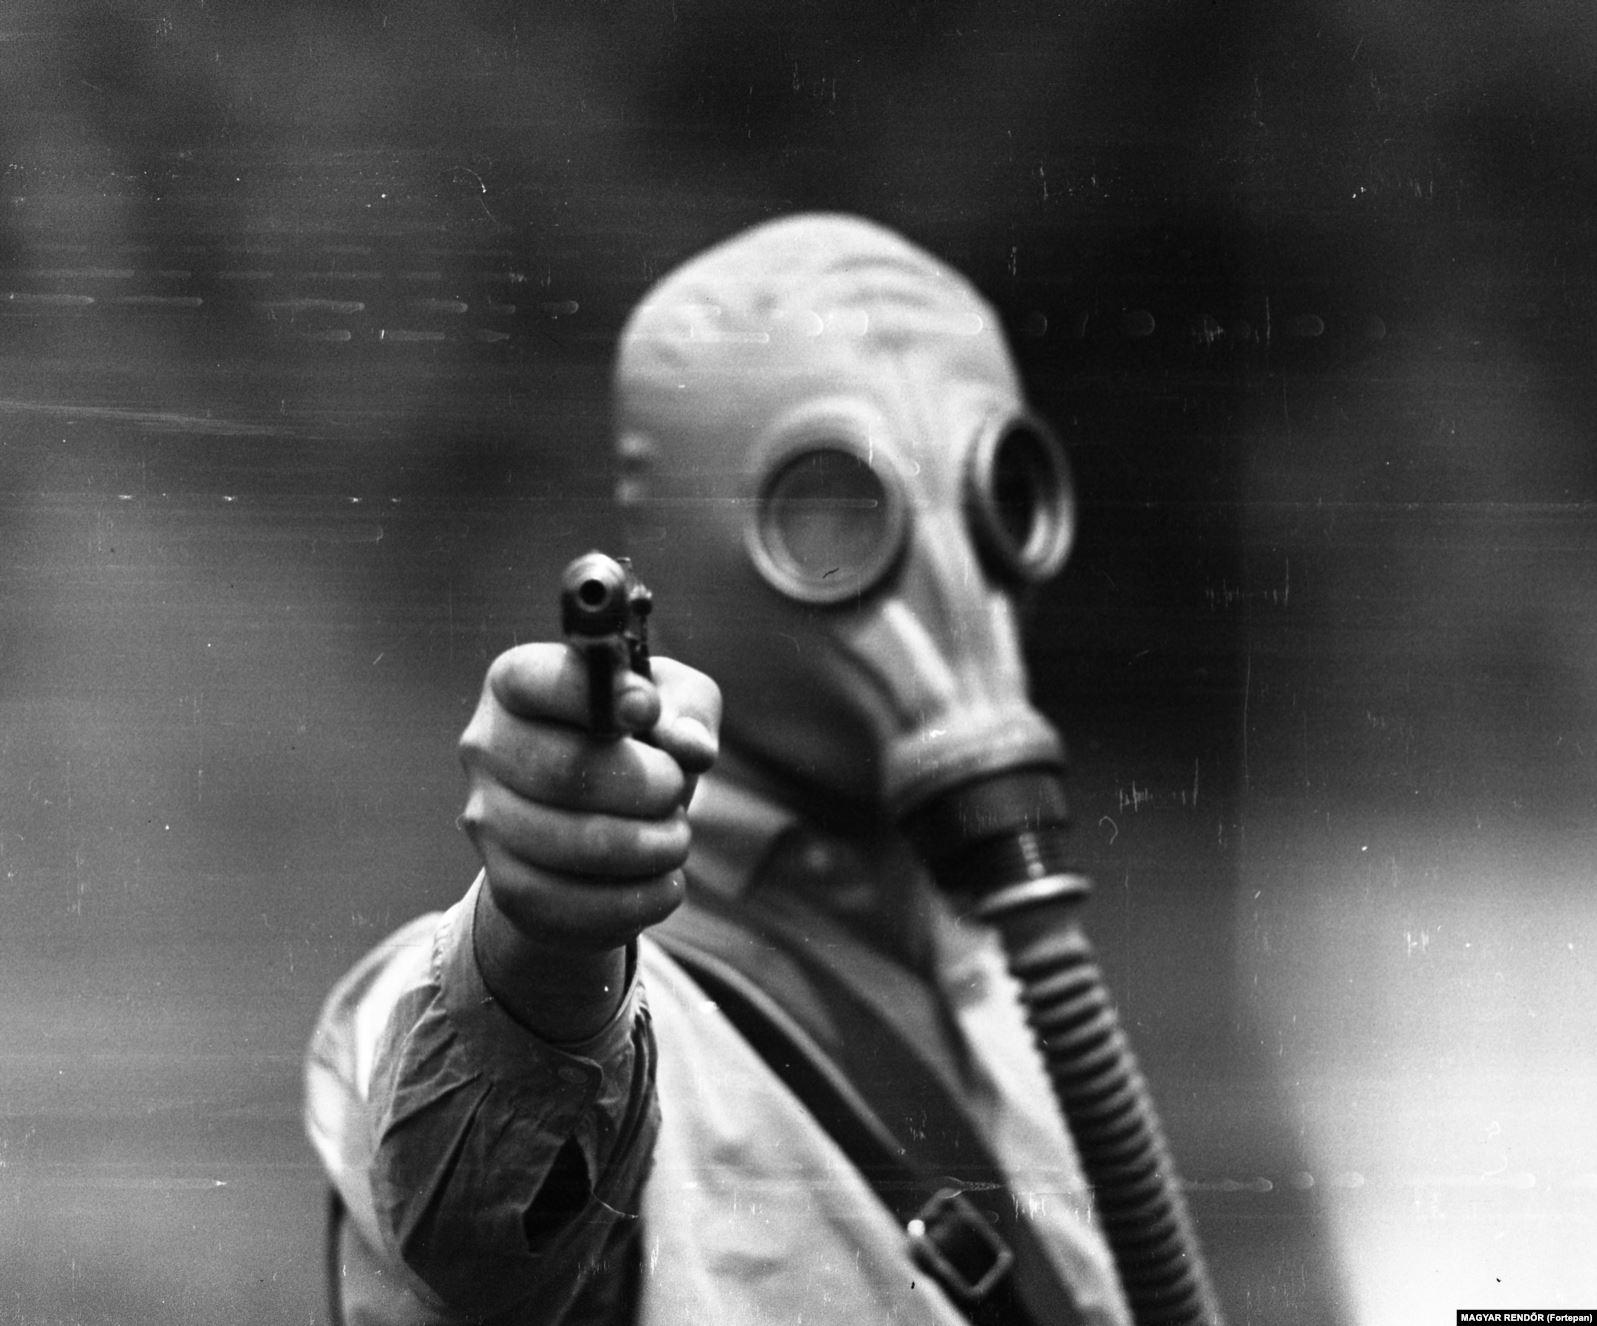 Военная подготовка с пистолетом и в противогазе, 1967 год